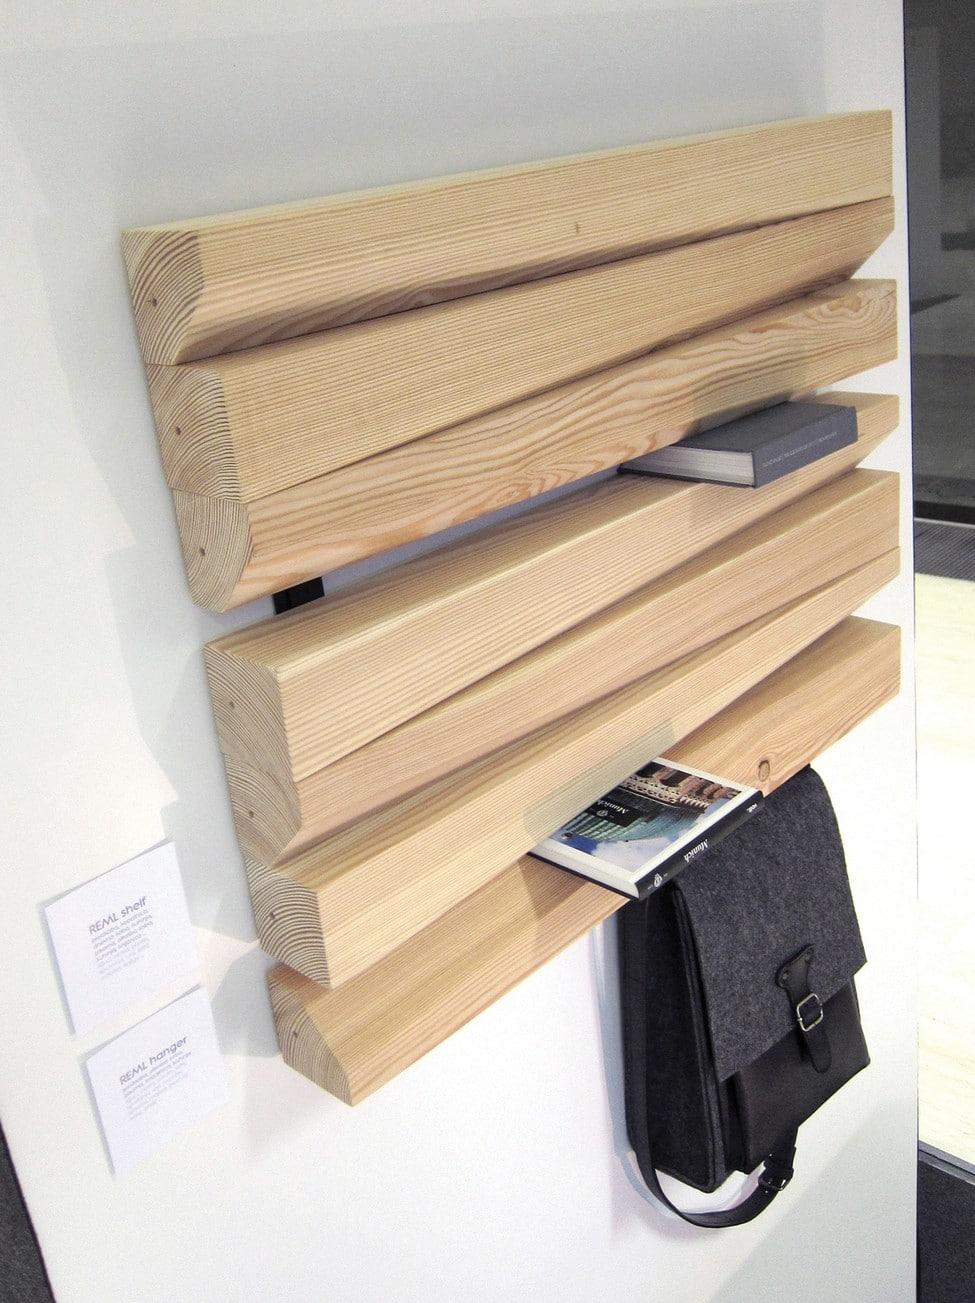 Diseño de estante de madera, estantería moderna y versatil ...